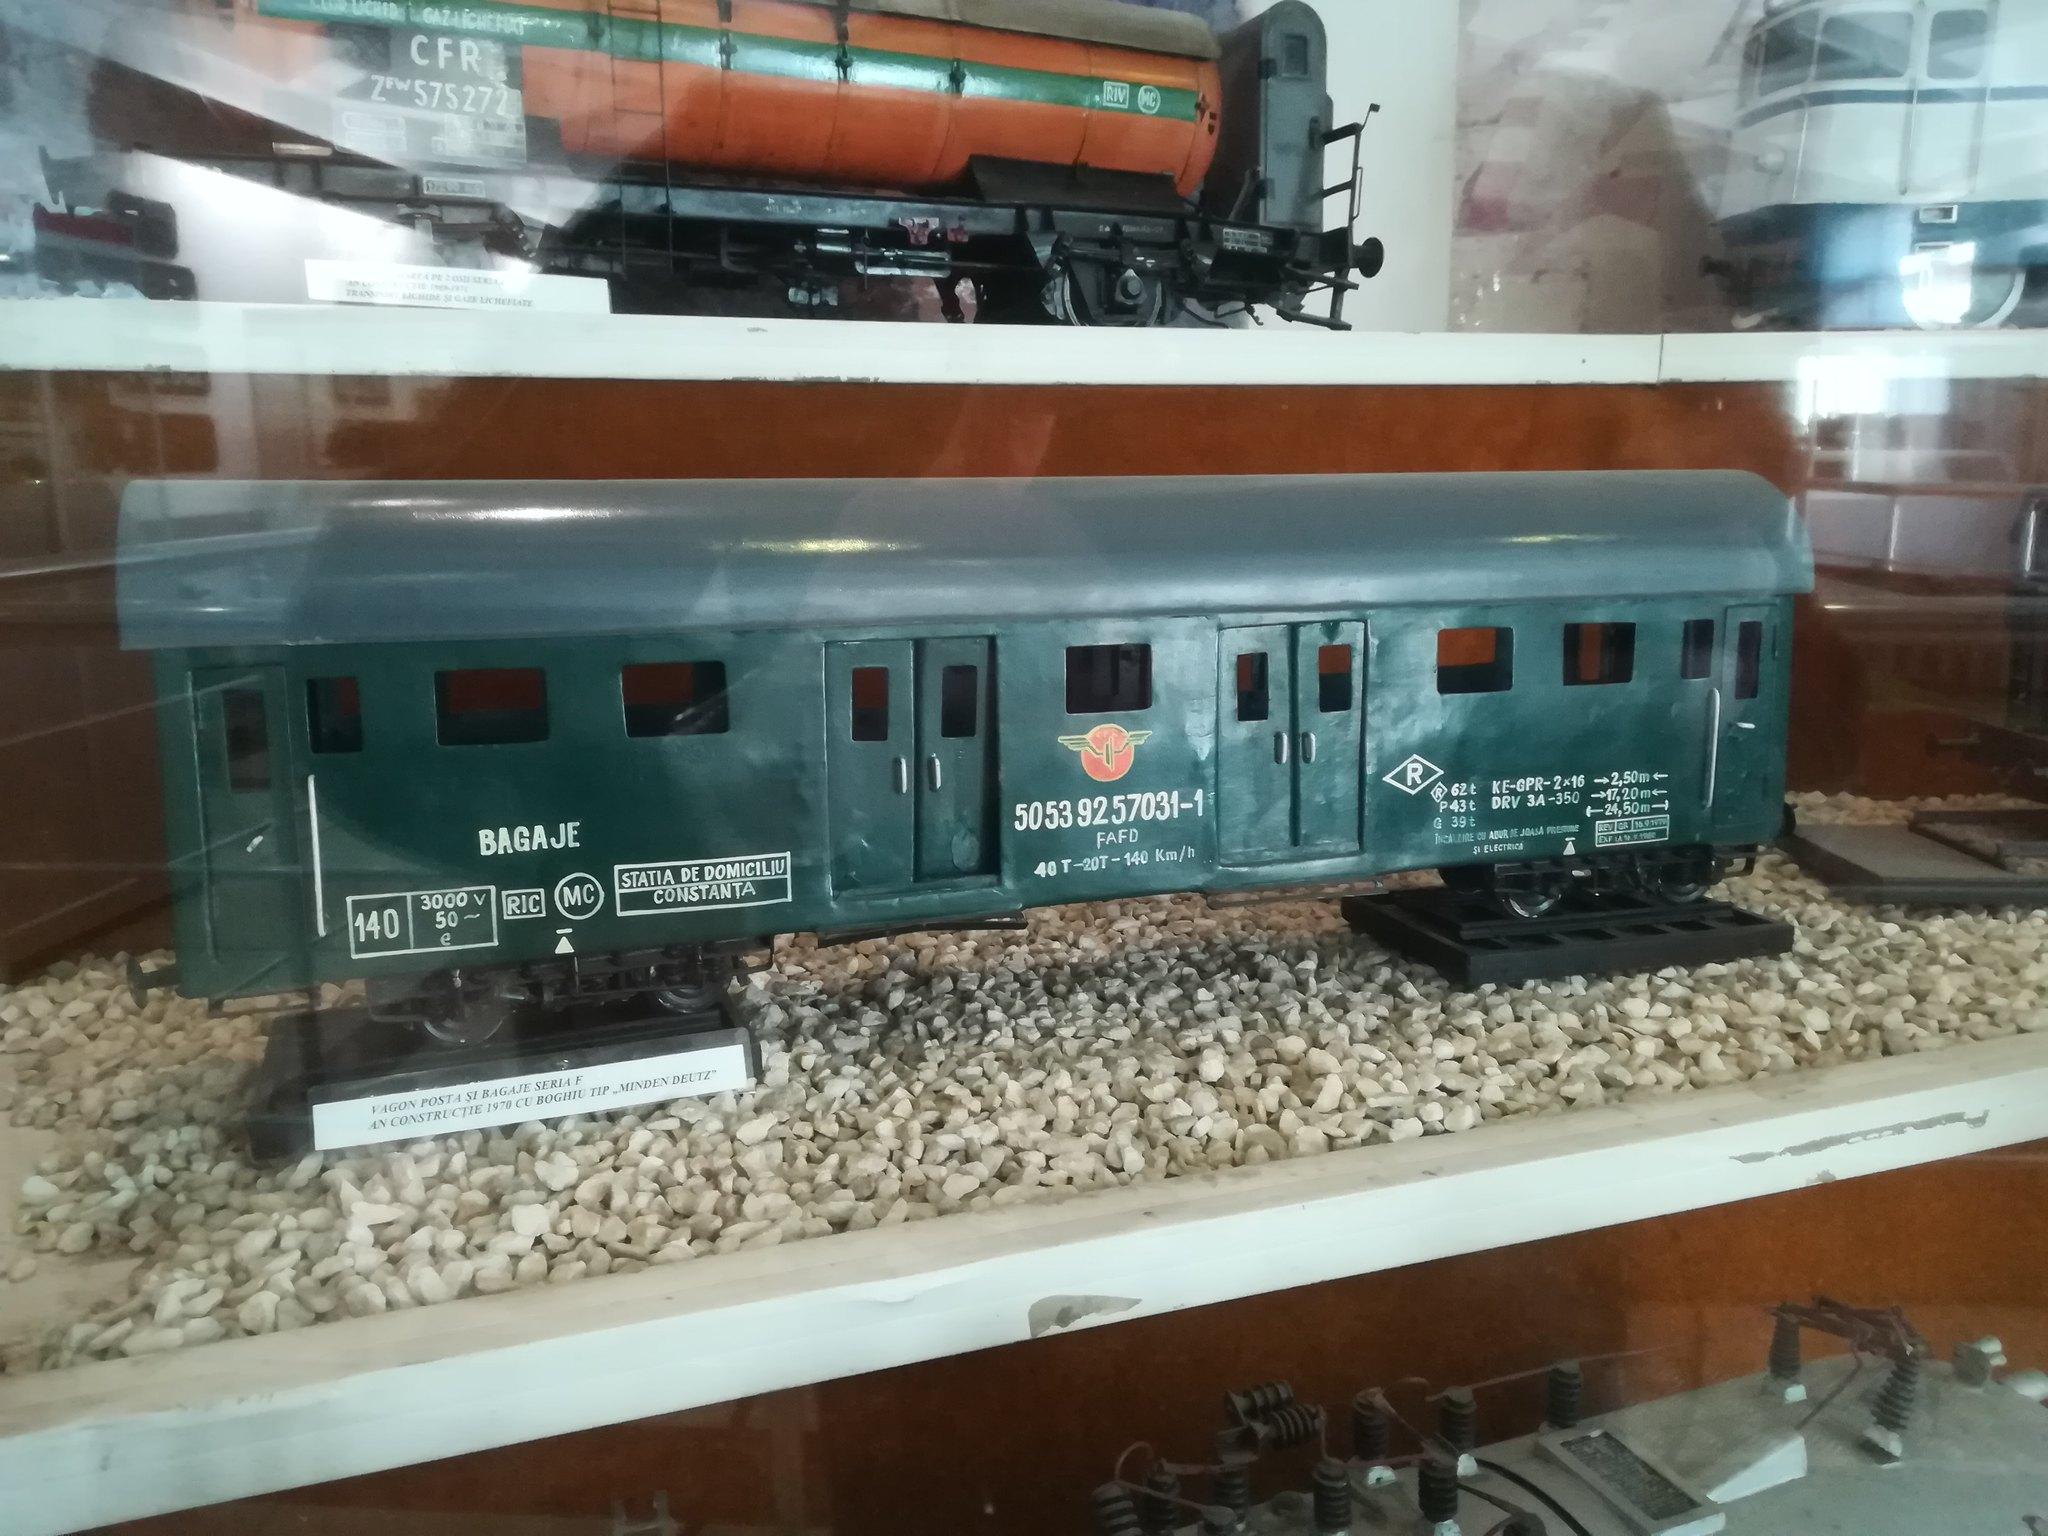 Reportaje feroviare Adirmvl - Pagina 21 49596931711_dd1e6c960a_k